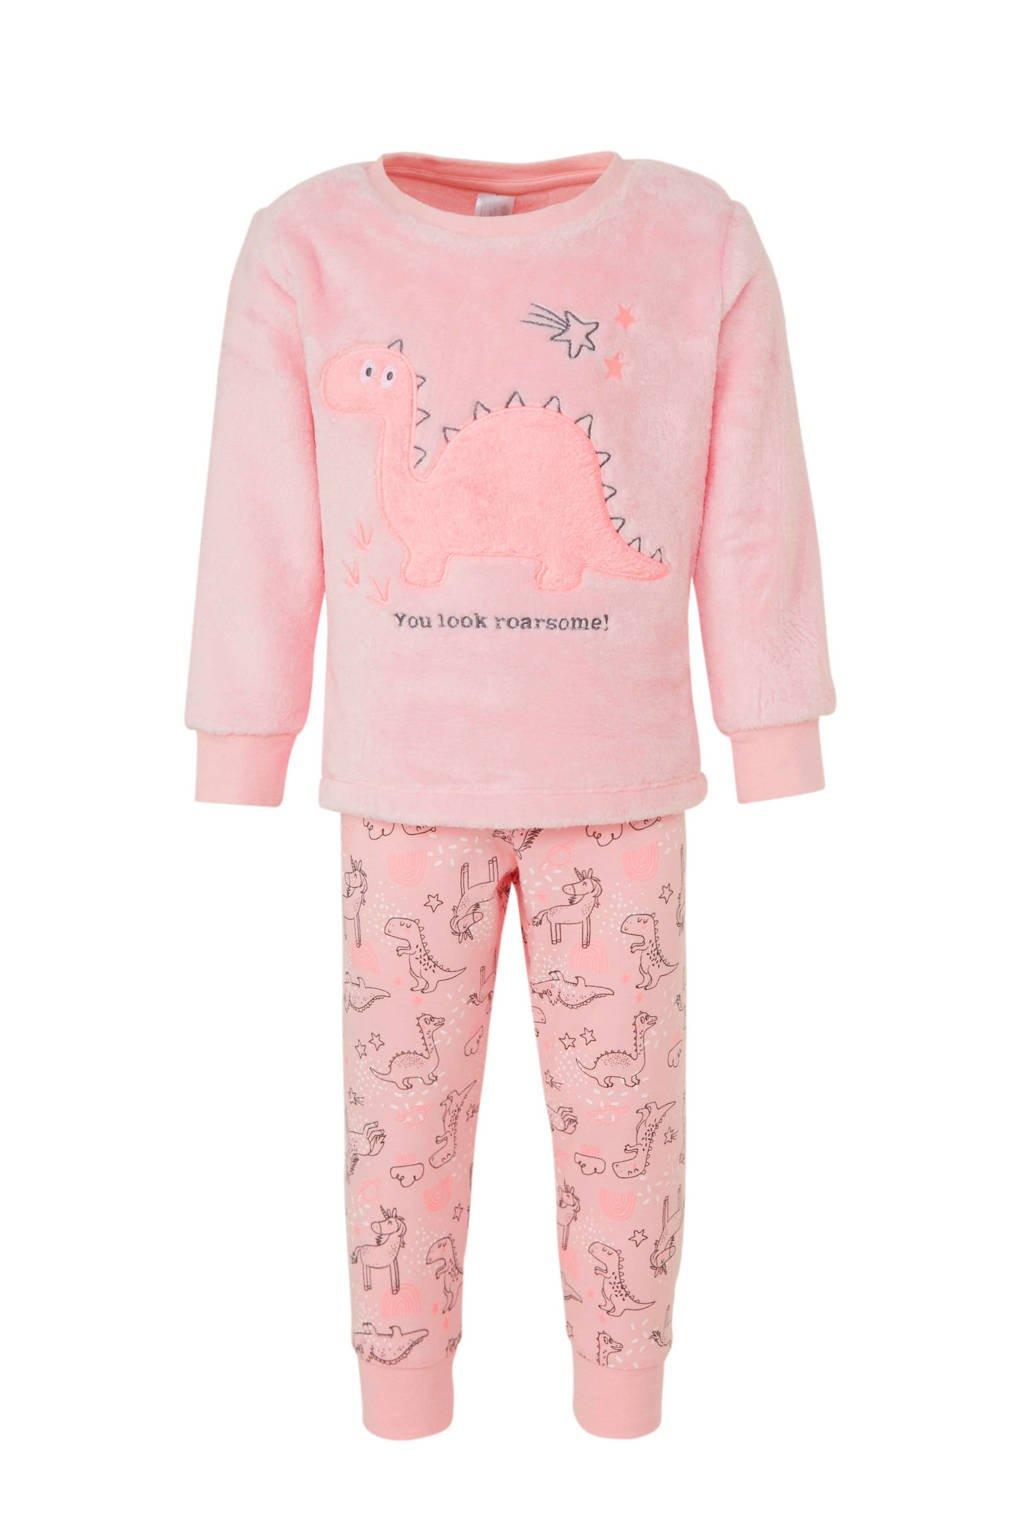 C&A Palomino pyjama met all over print roze, Lichtroze